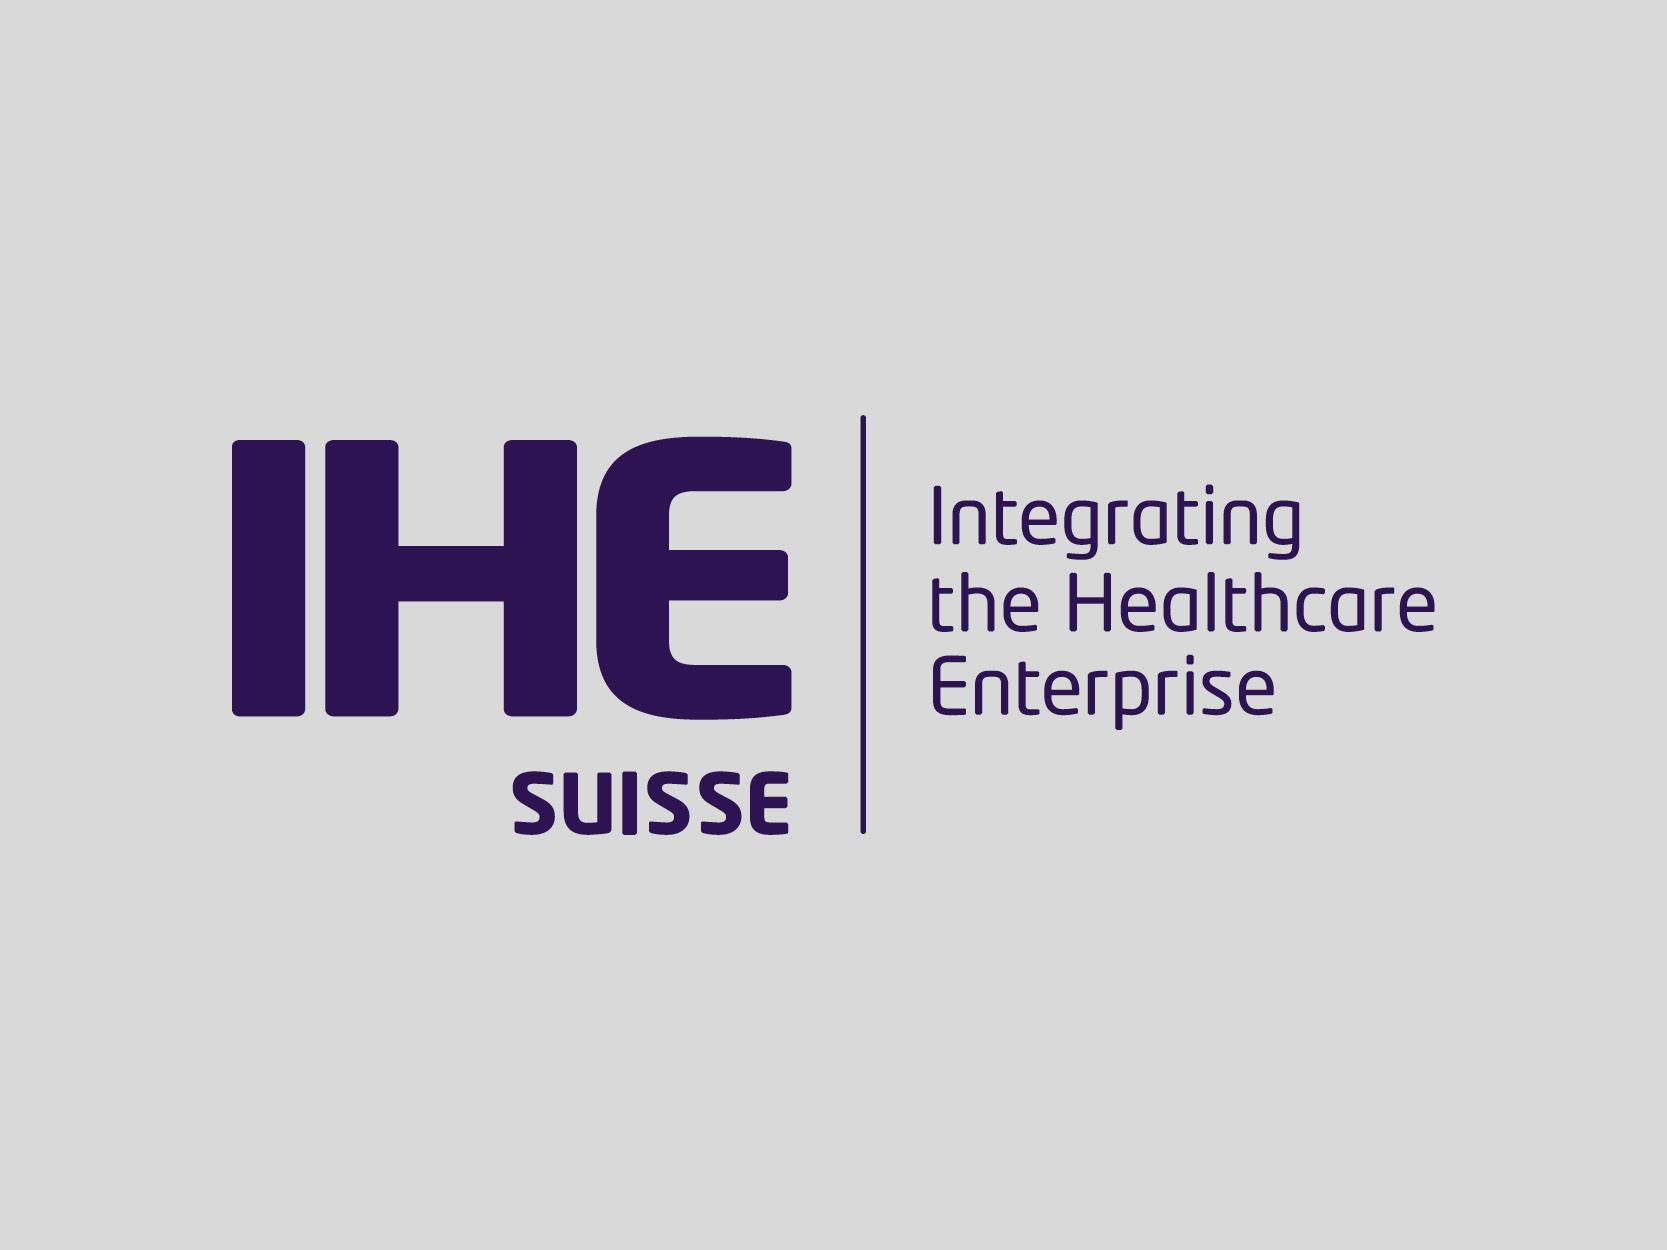 IHE Suisse, St. Gallen (CH)